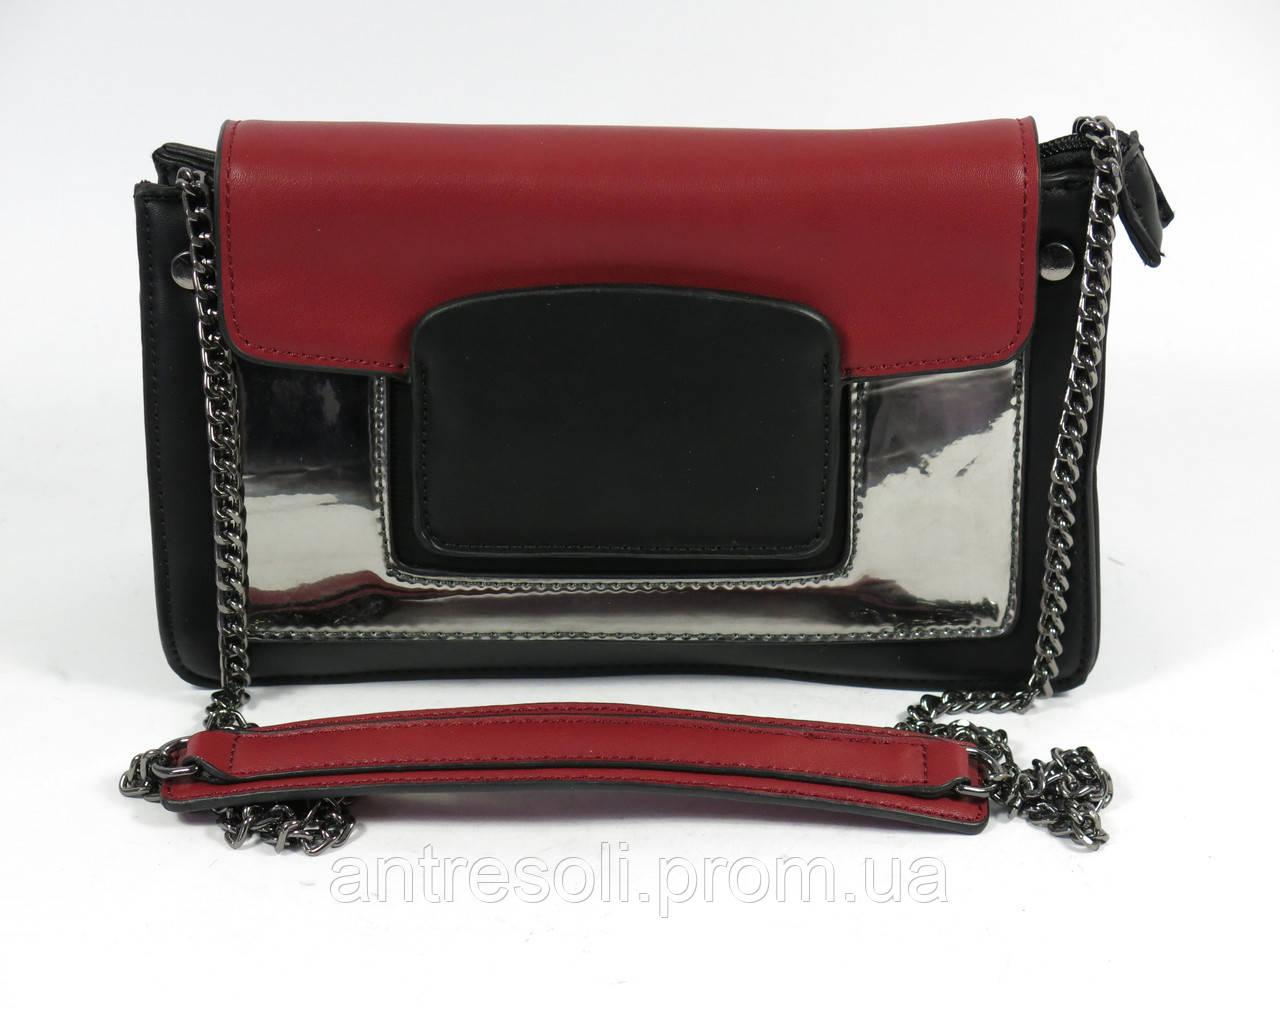 Черная женская сумка клатч с красной вставкой